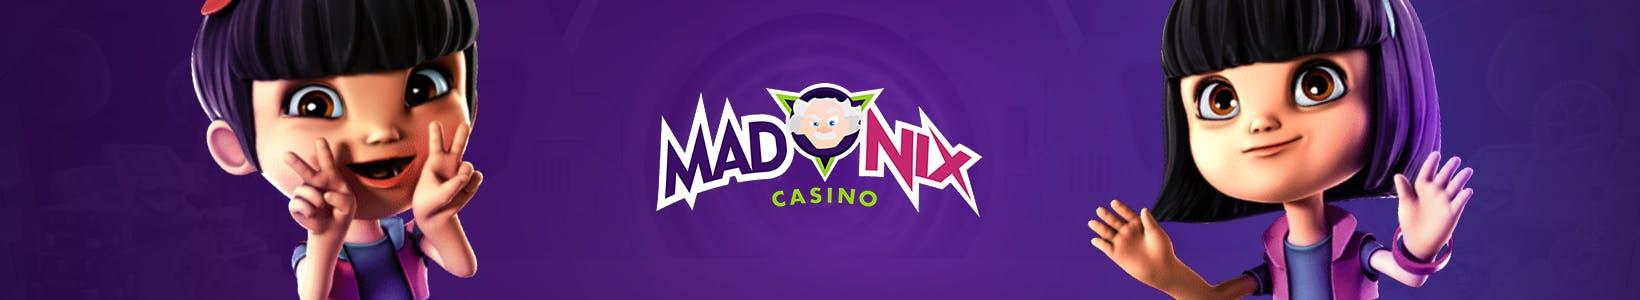 banniere de promotion originale pour madnix casino